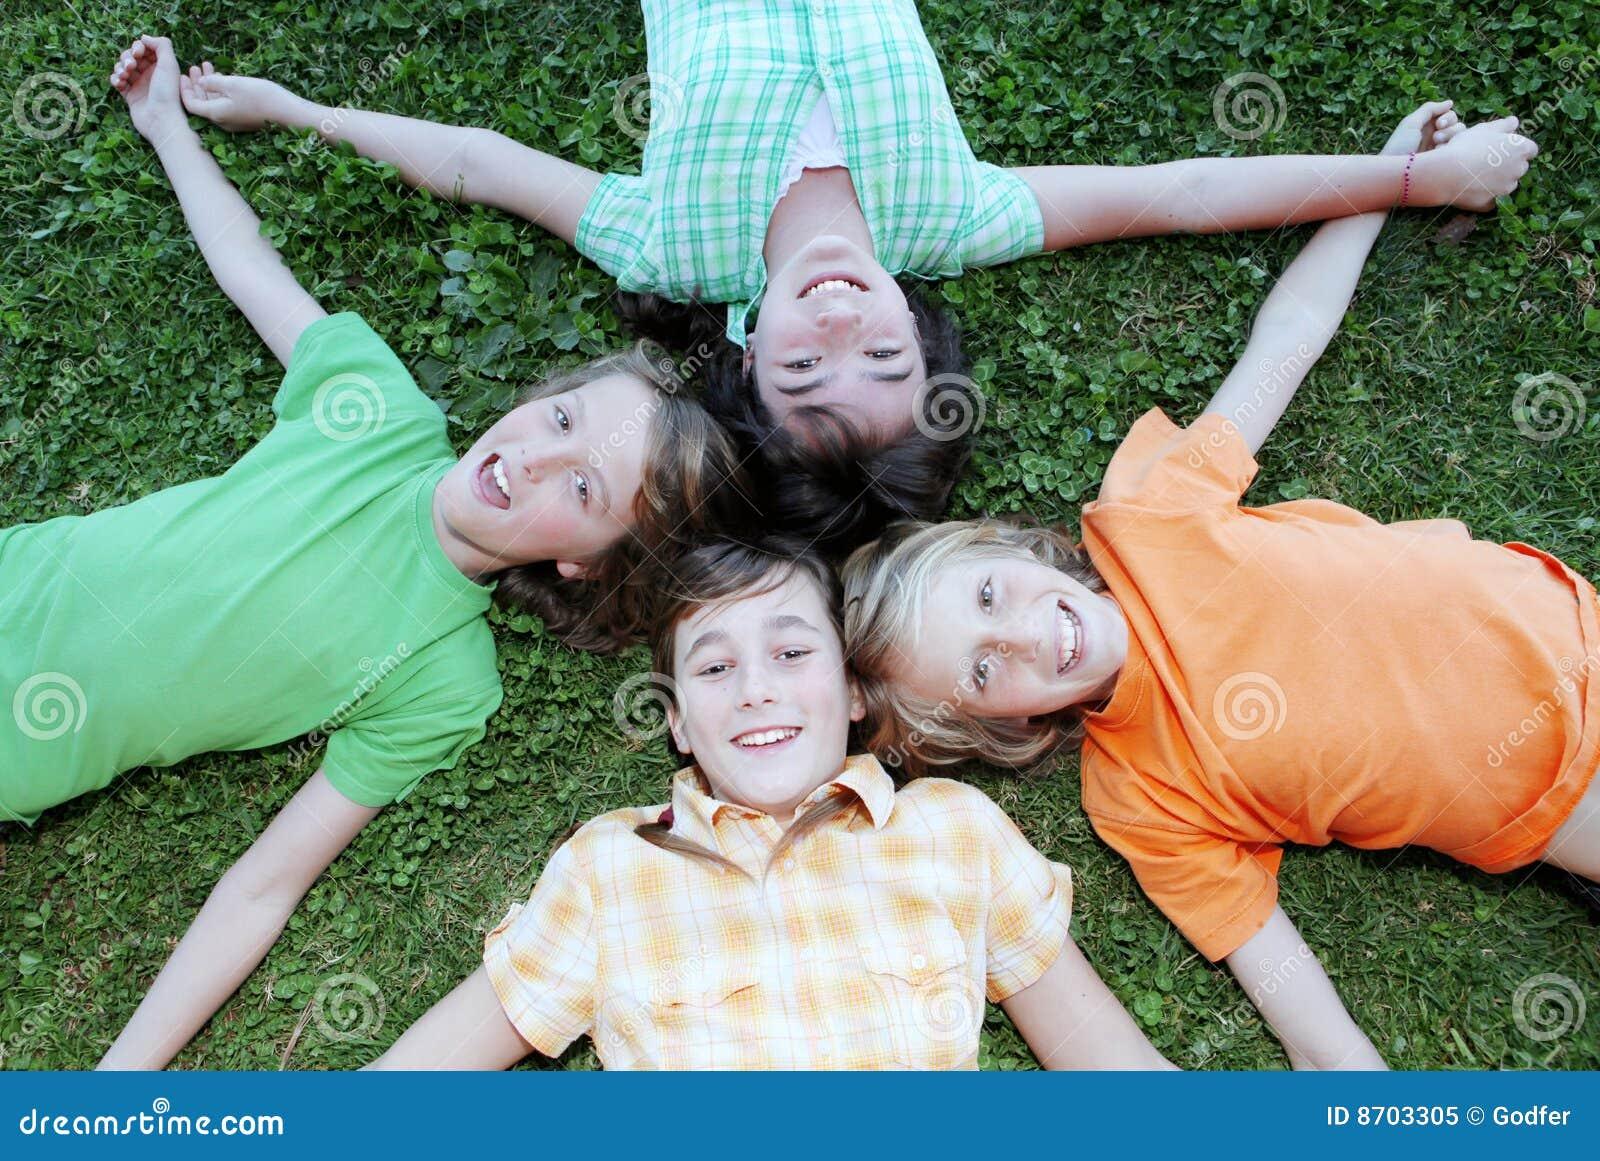 Kinder am Sommerlager